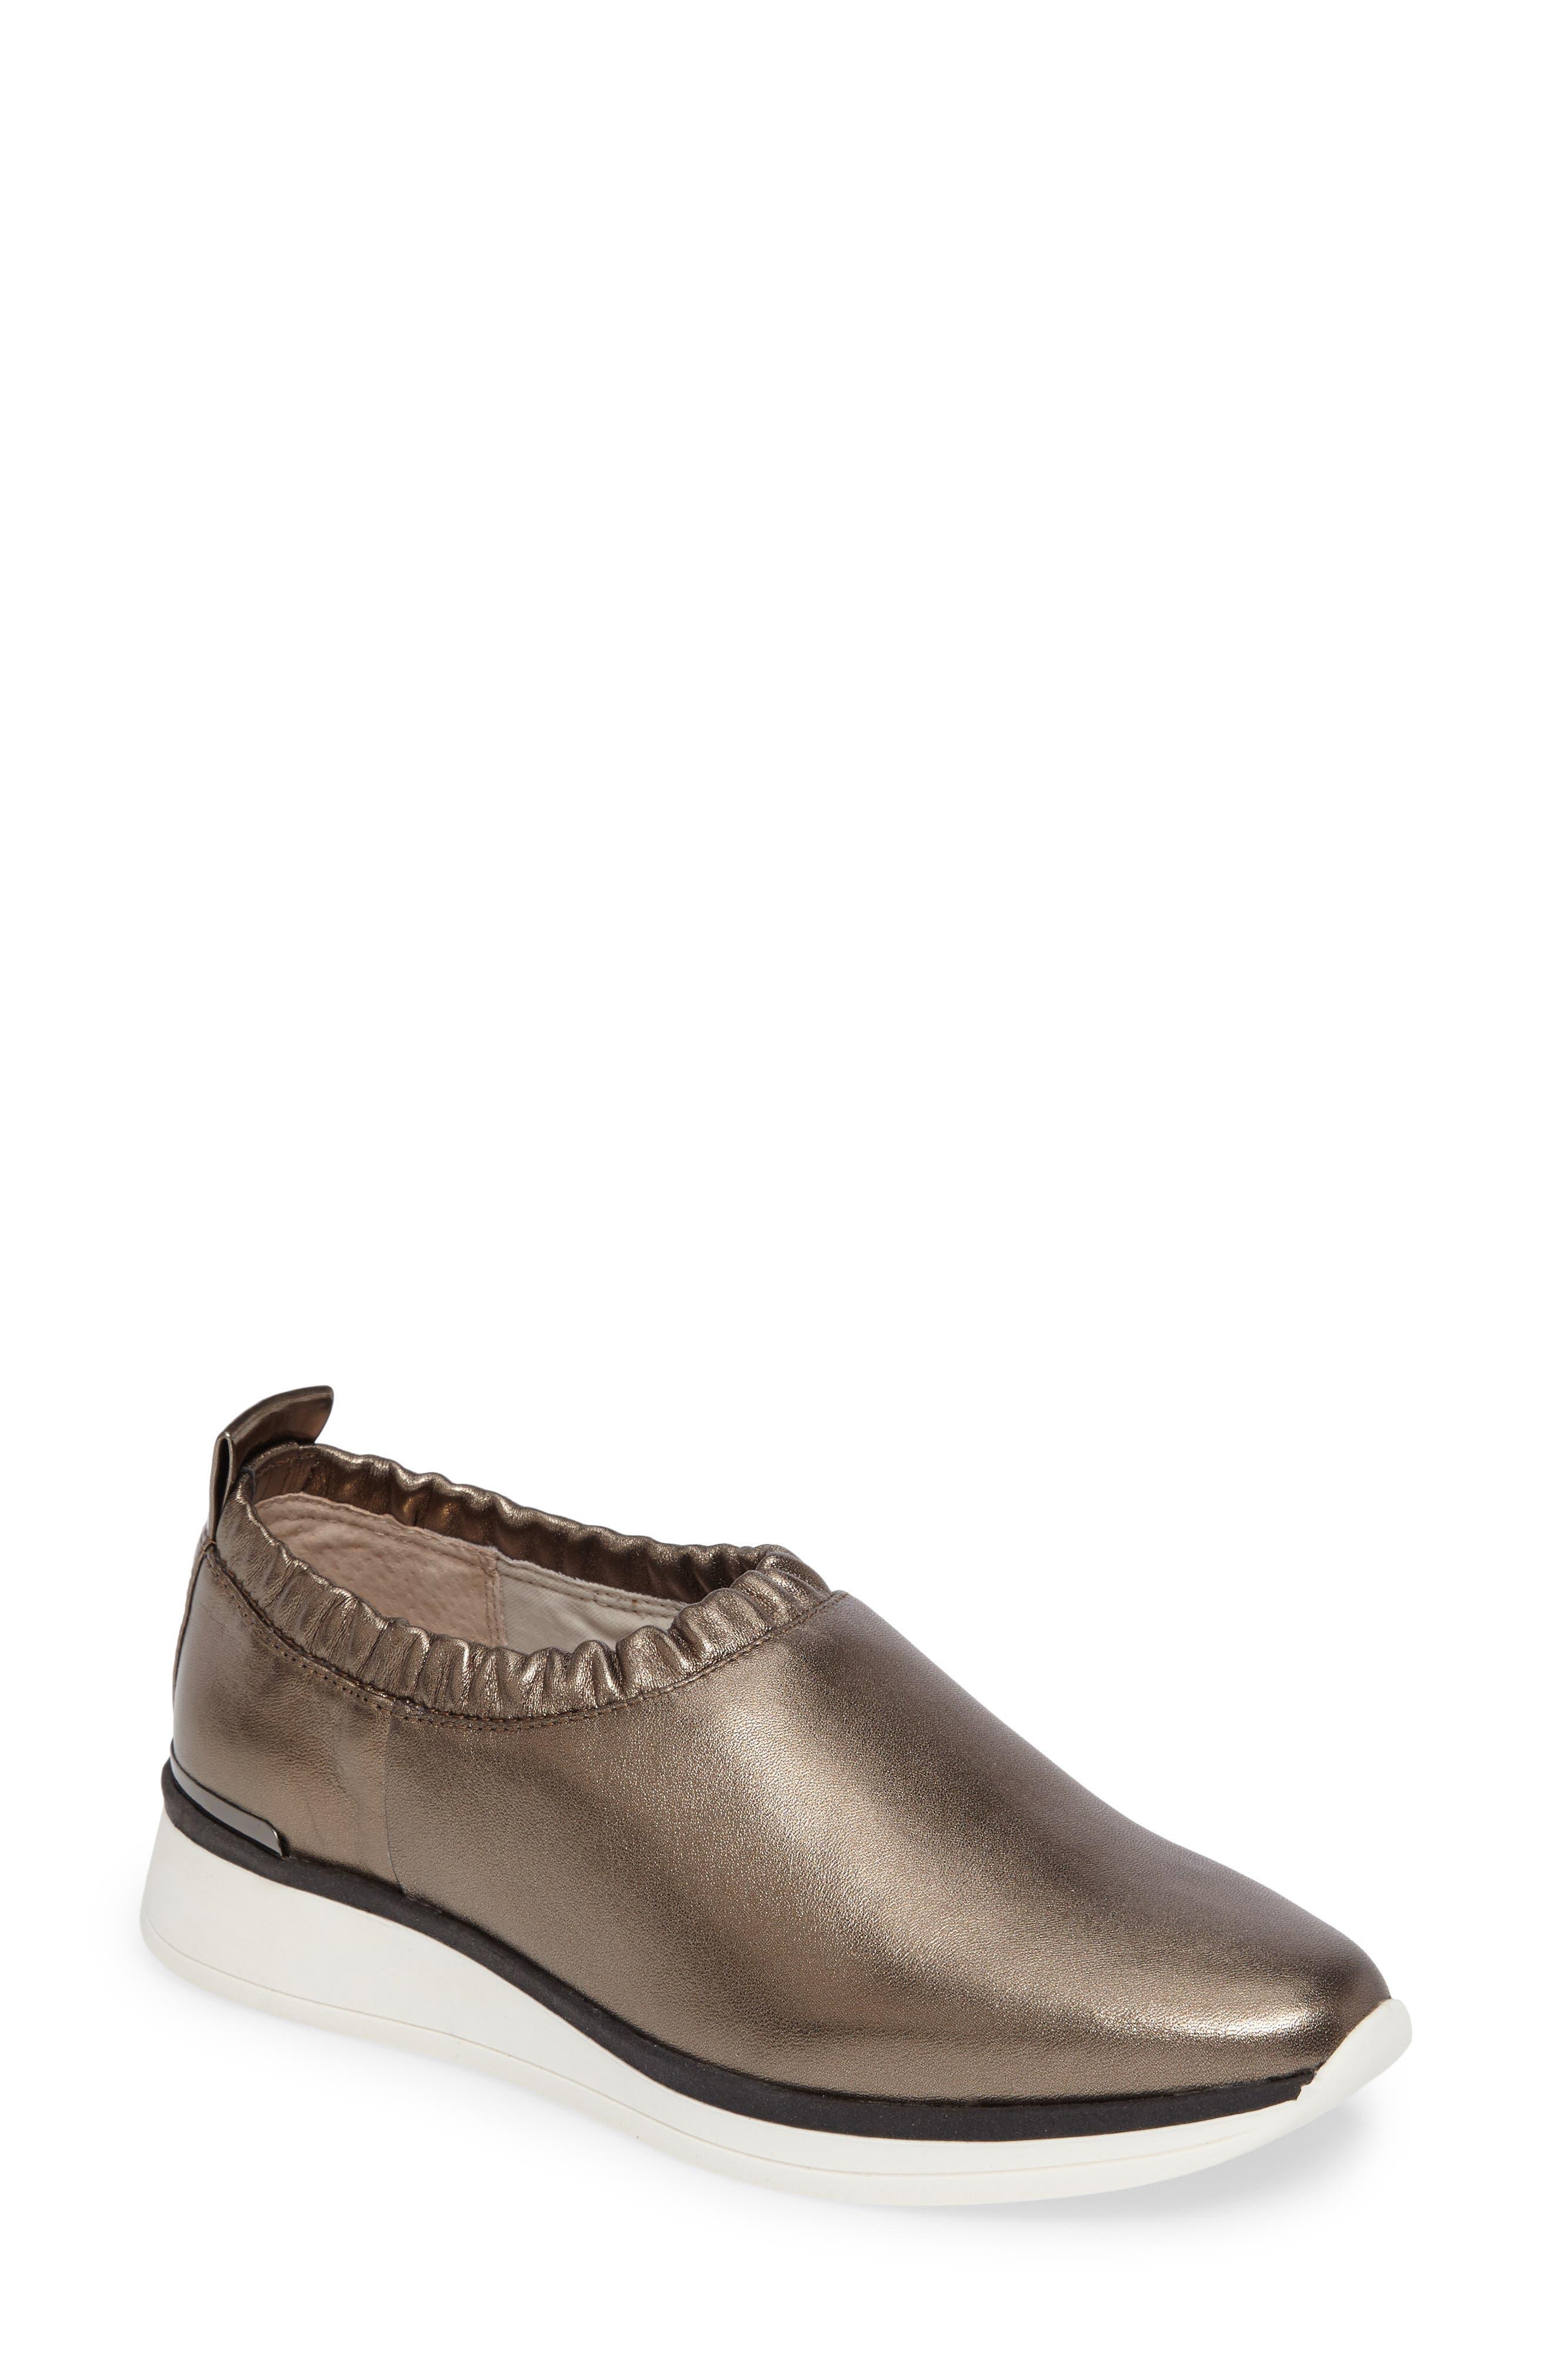 Alternate Image 1 Selected - Louise et Cie Brogen Slip-On Sneaker (Women)